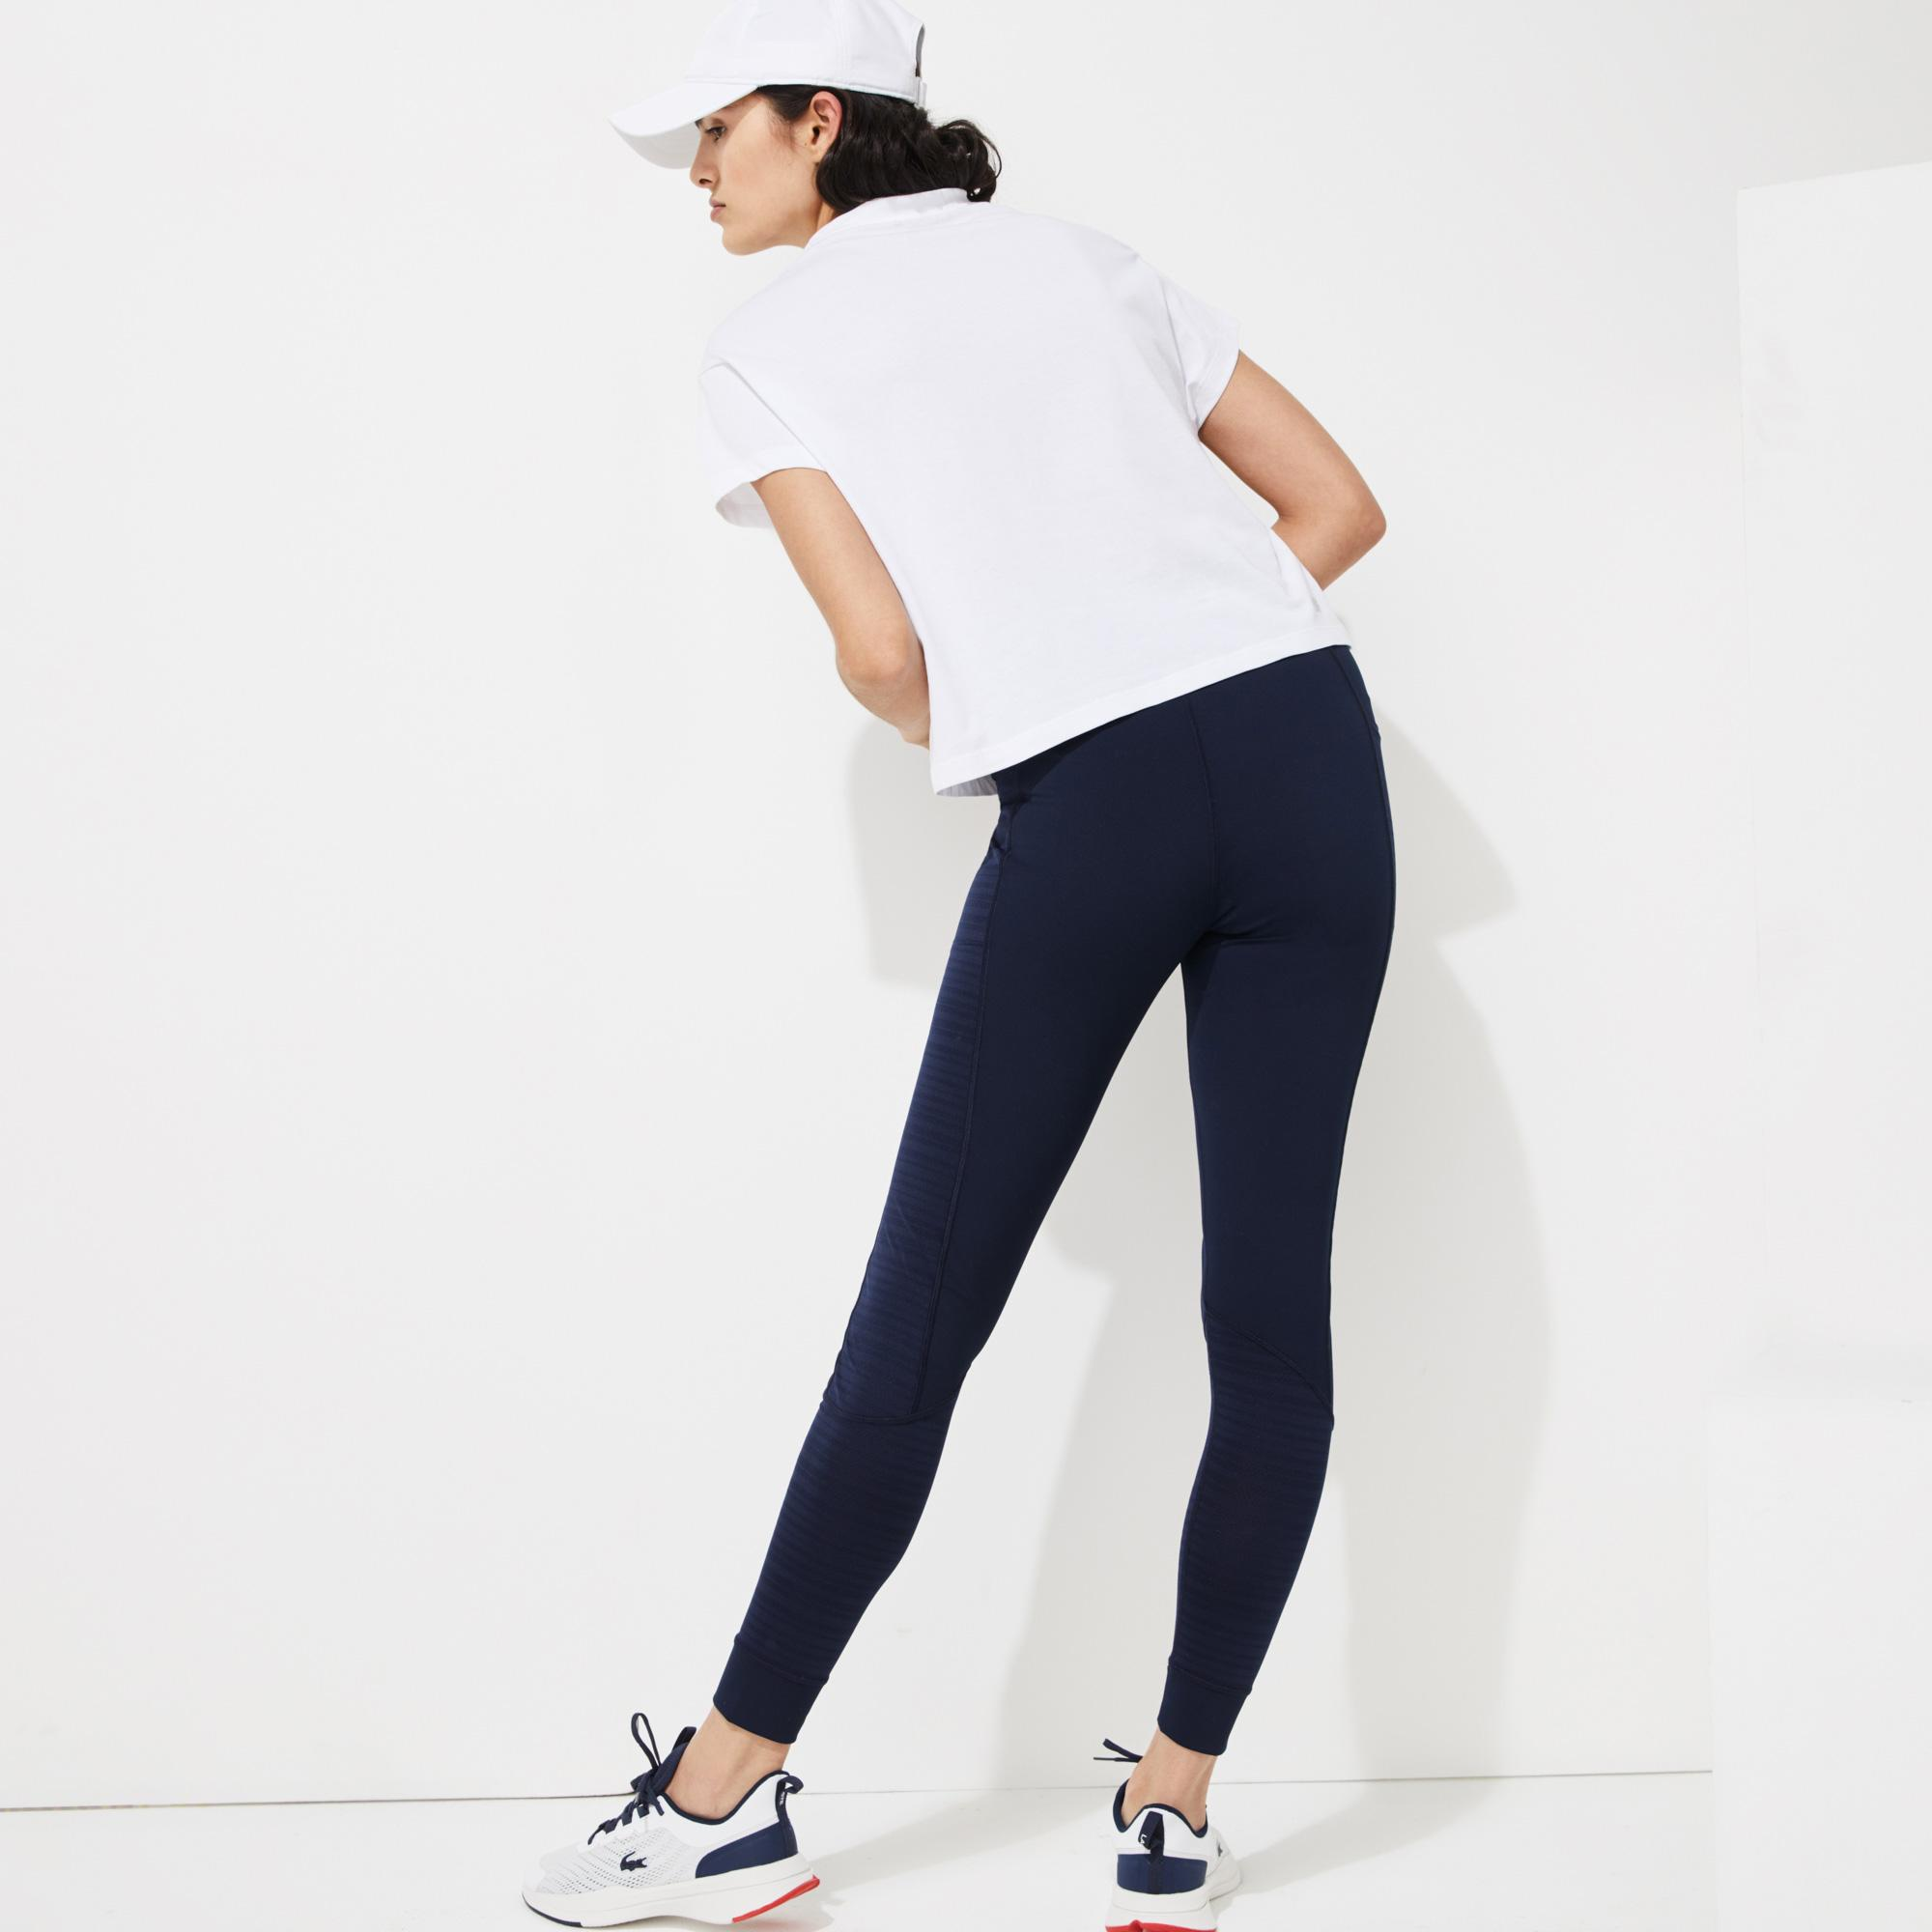 Lacoste Sport Roland Garros Kadın Boxy Fit Bisiklet Yaka Baskılı Beyaz T-Shirt